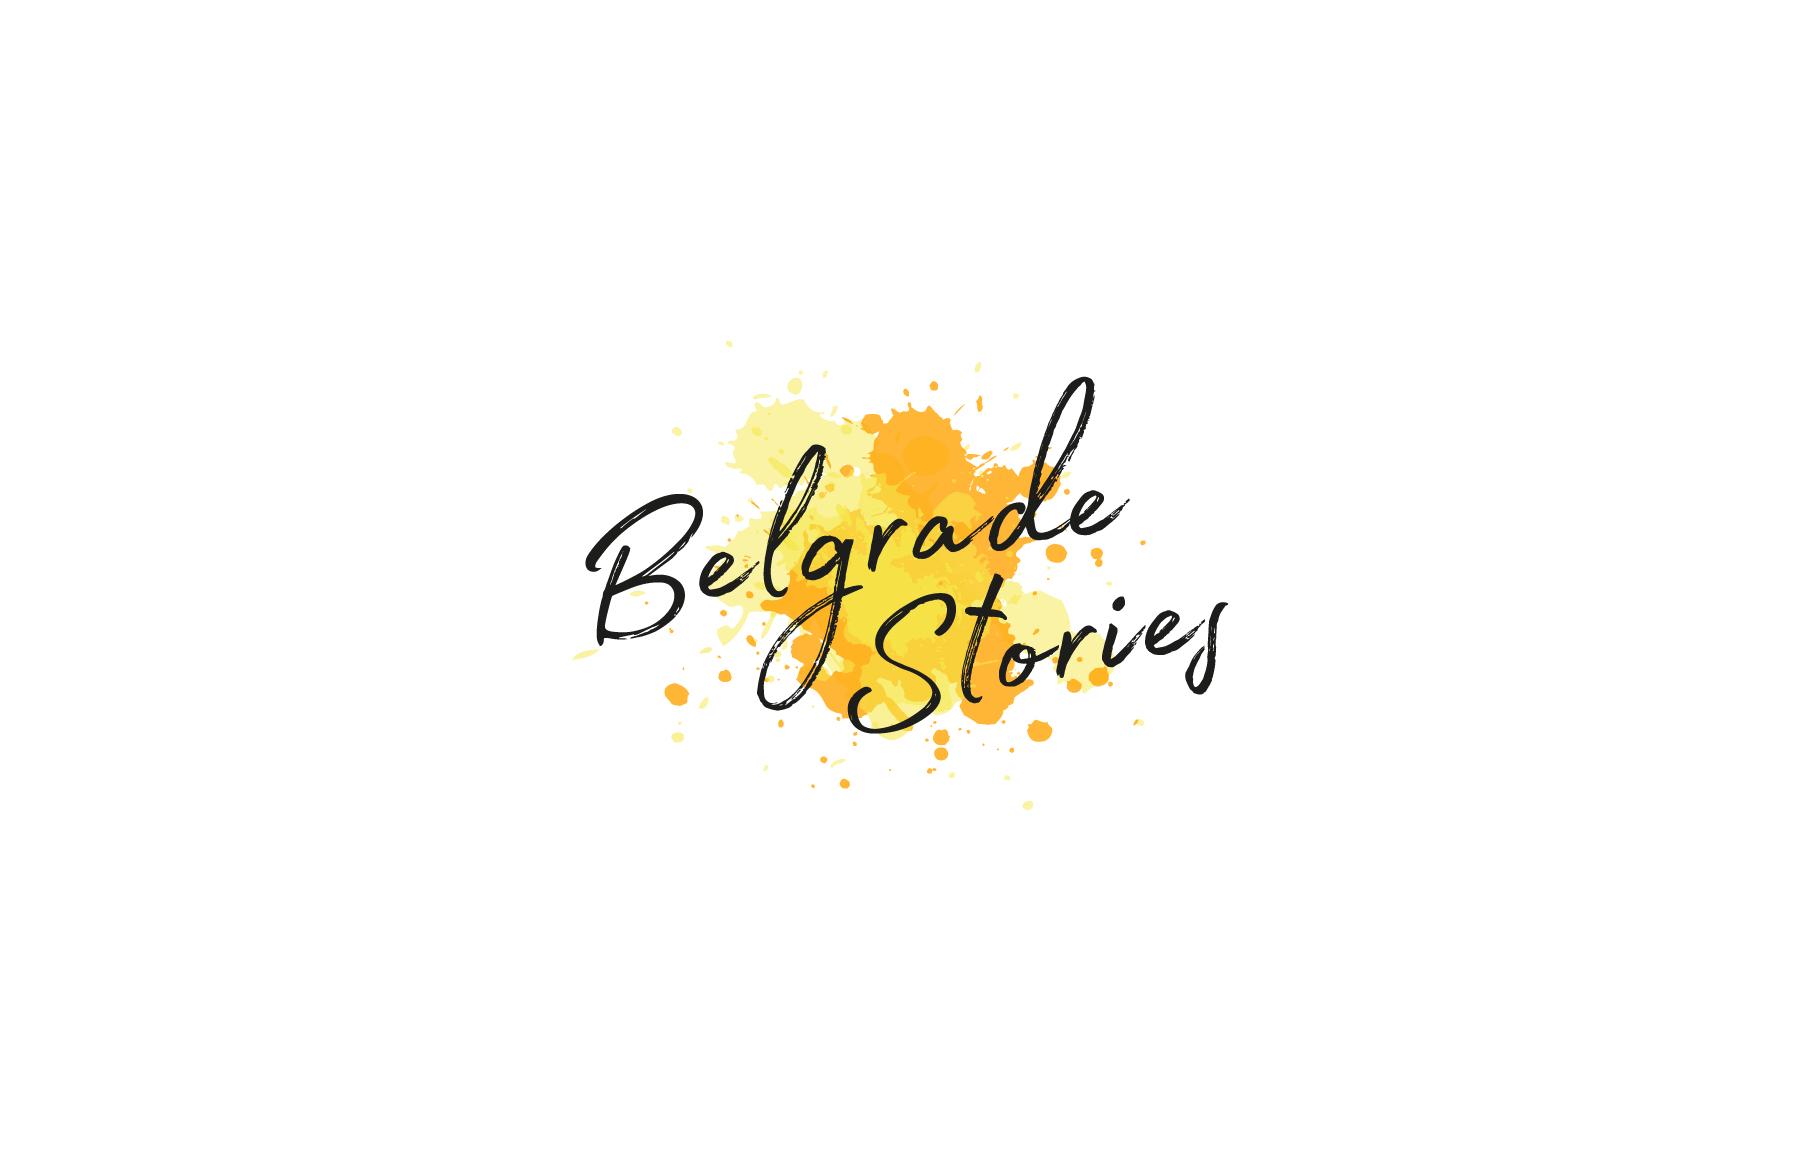 Логотип для агентства городских туров в Белграде фото f_63758913a5a430f5.jpg